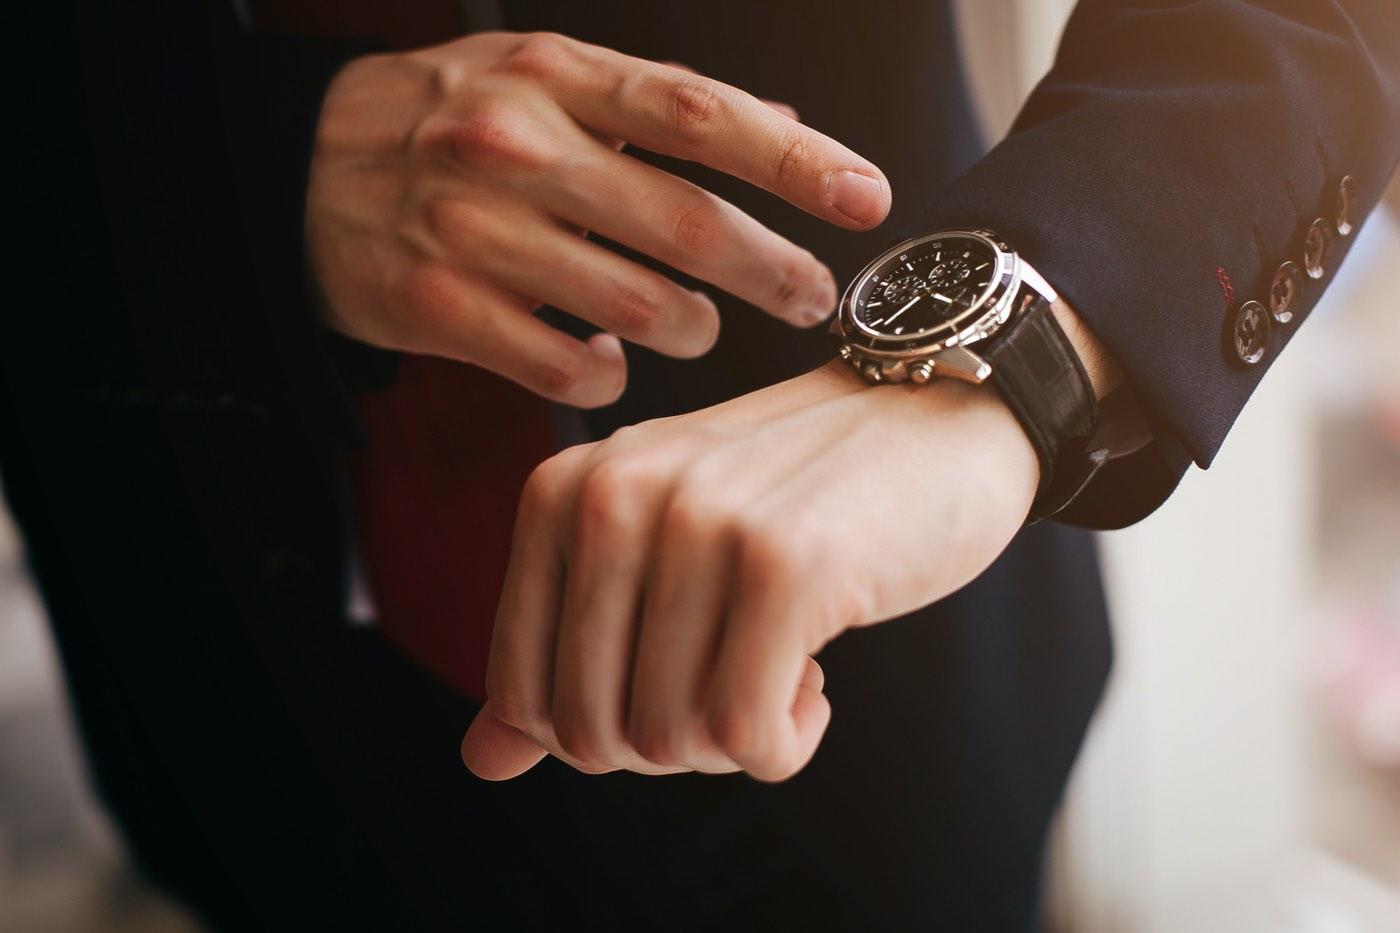 ¿Quieres vivir como un millonario? Con estos 9 consejos podrás disfrutar de los lujos como los más poderosos del mundo